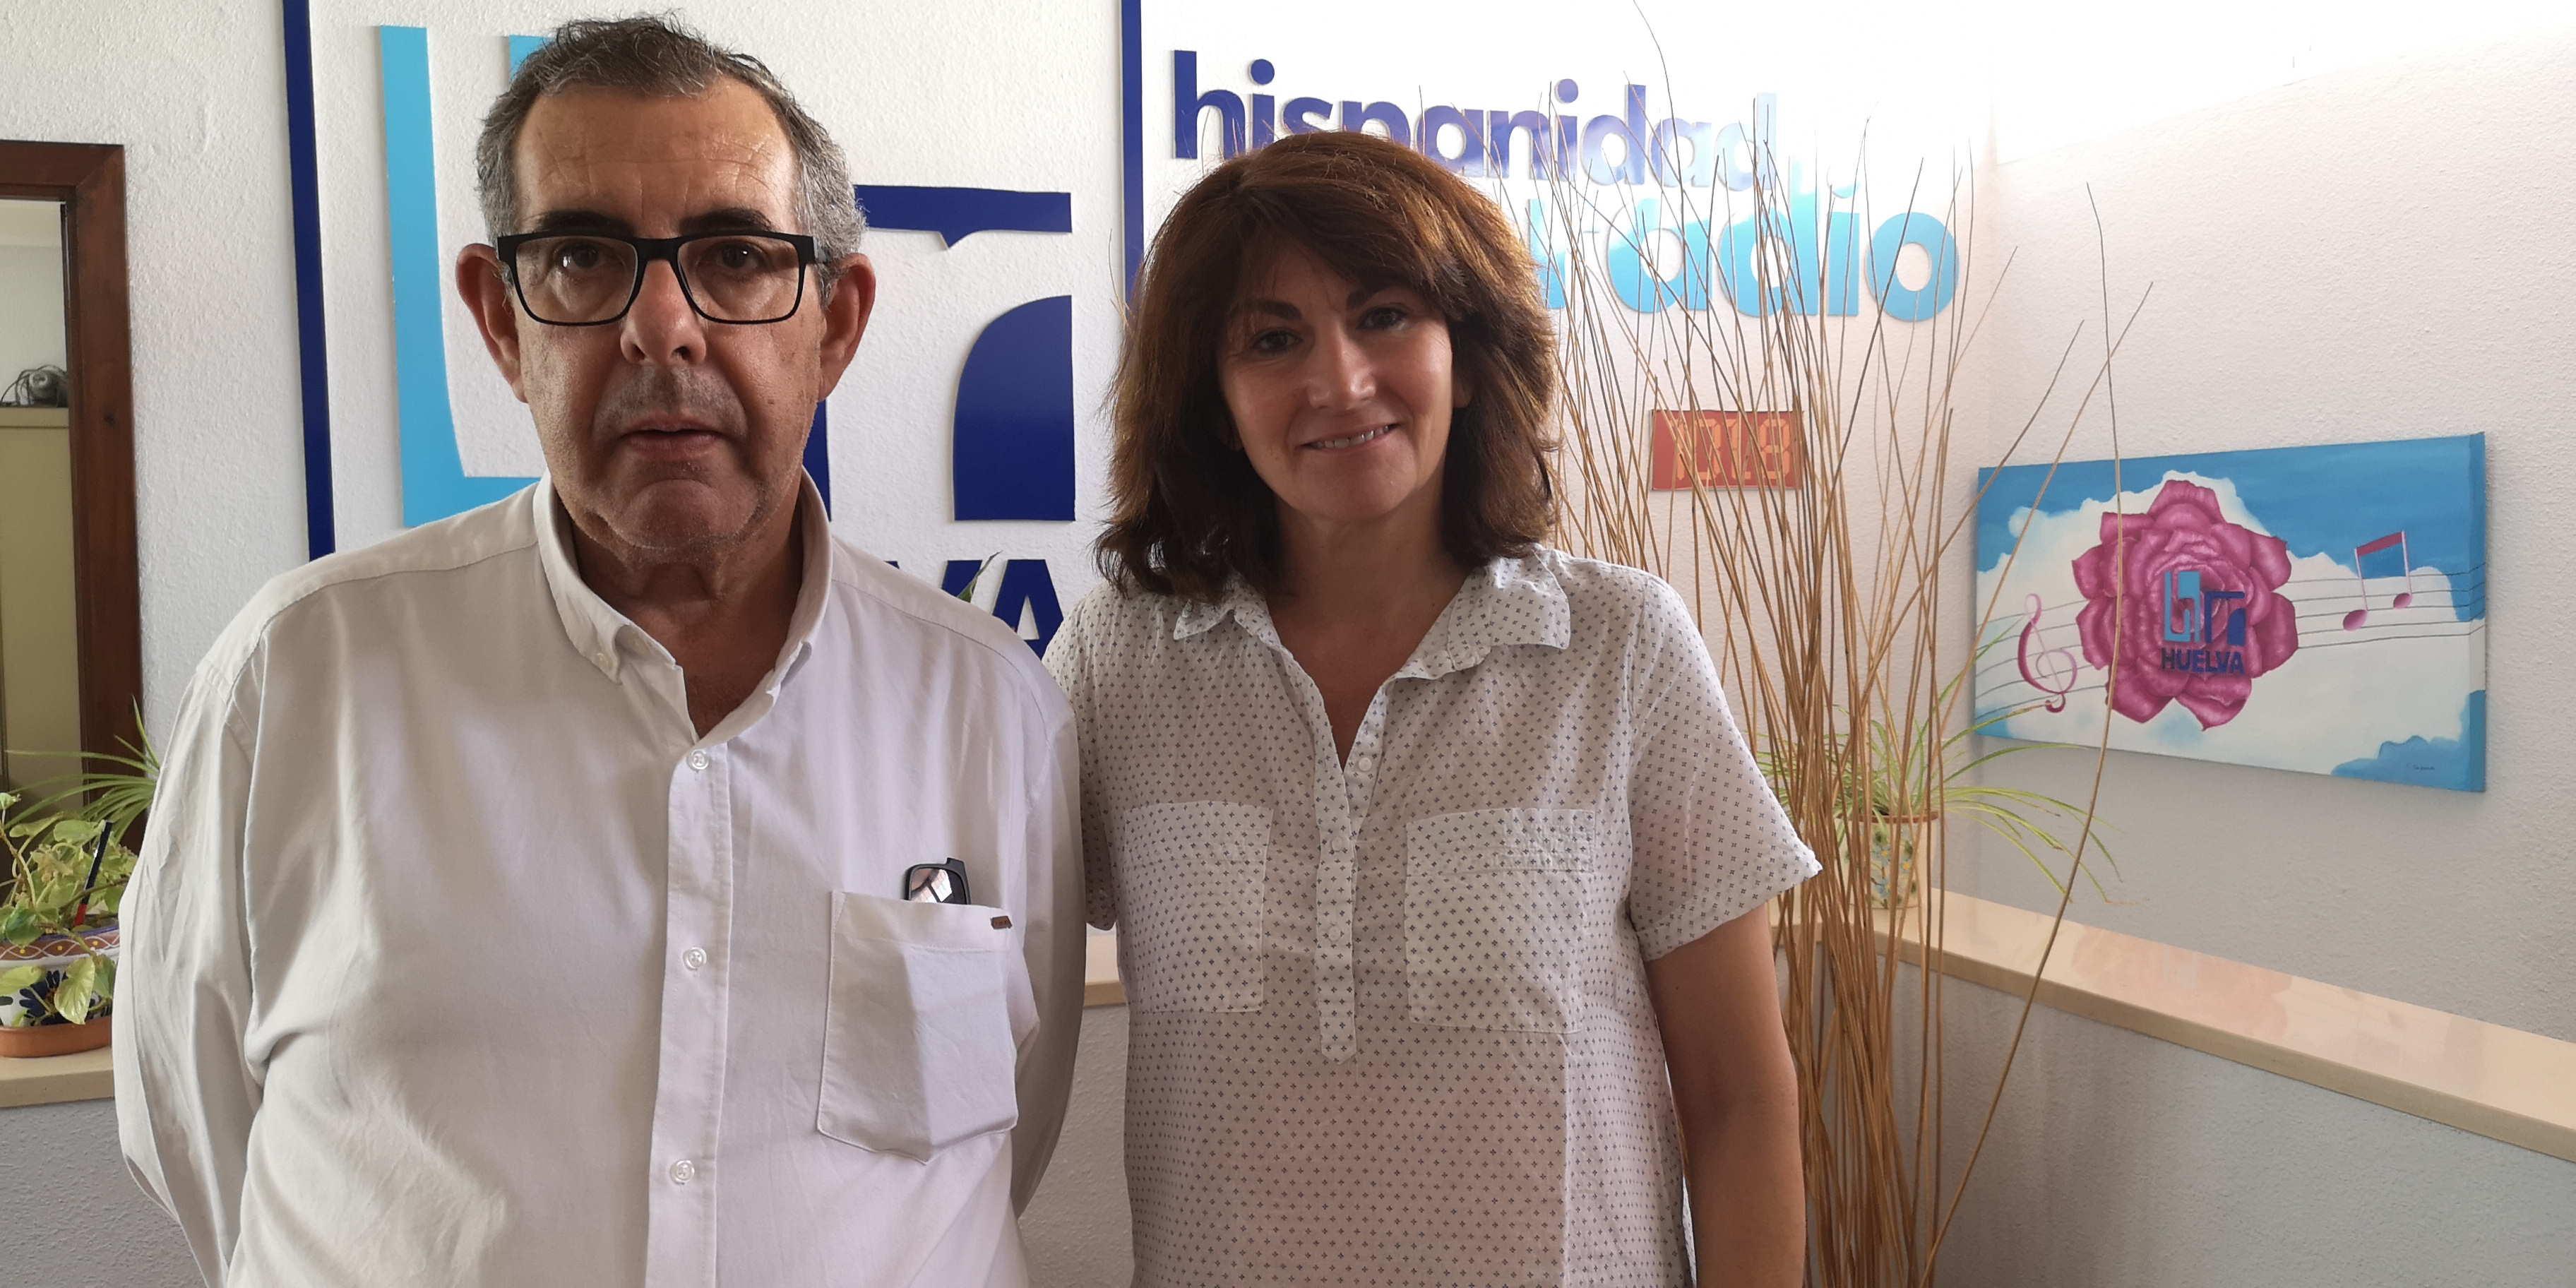 Queremos Saber 03-09-2019 Bienvenido González Hermandad de la Cinta